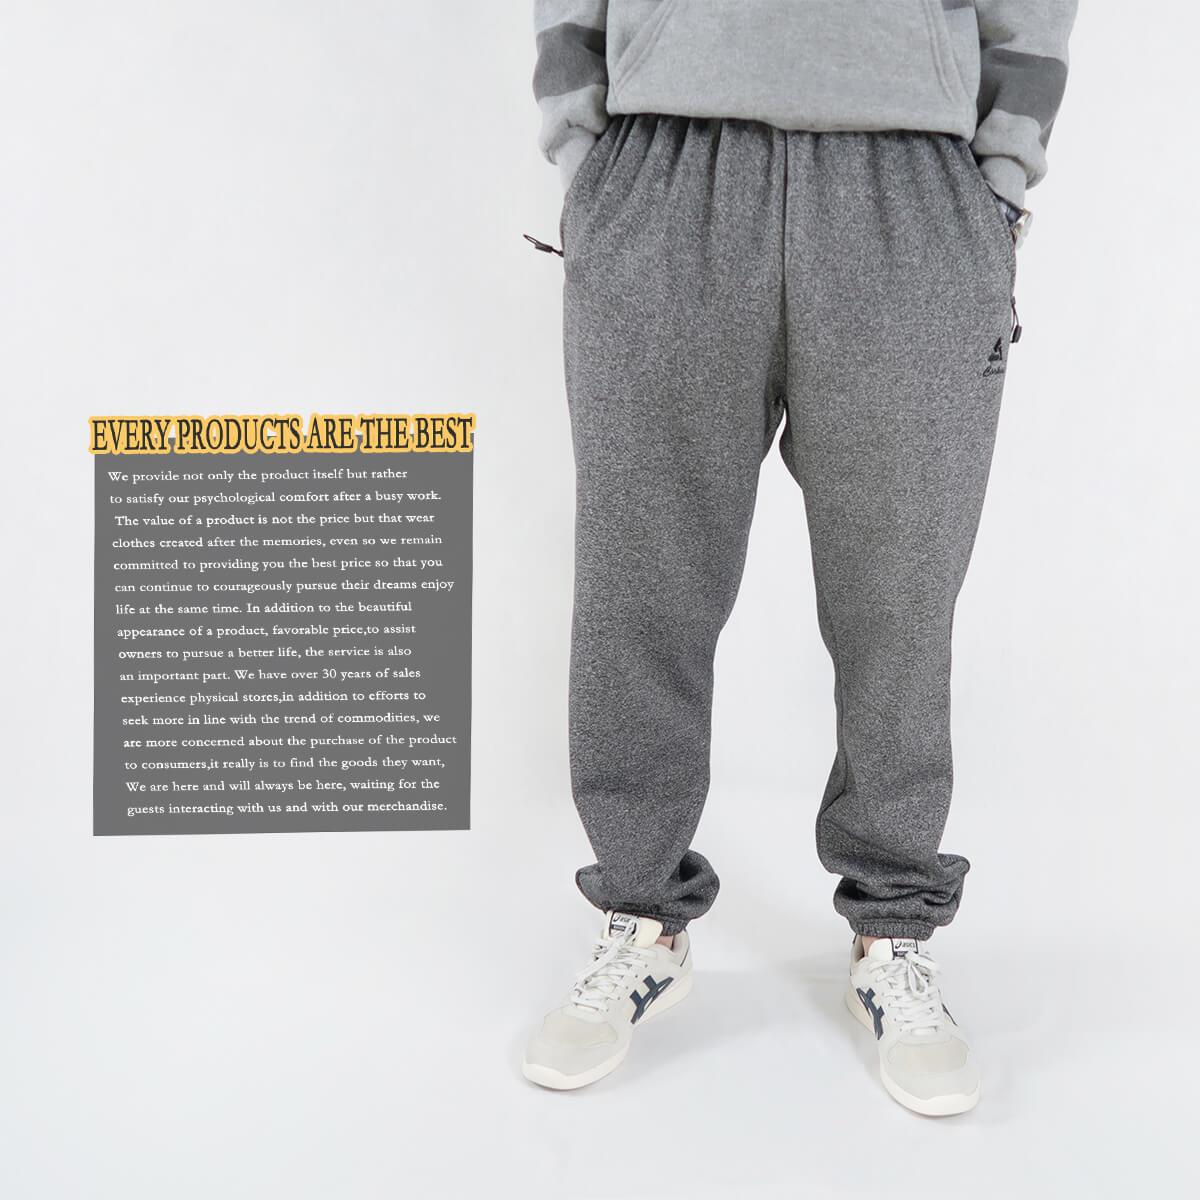 加大尺碼厚刷毛保暖運動縮口褲 刷毛運動褲 刷毛束口褲 紋理運動長褲 休閒長褲 全腰圍鬆緊帶 內裡刷毛 褲管縮口 黑色長褲 慢跑褲 球褲 BIG_AND_TALL WARM THICK FLEECE LINED TRACK PANTS SPORT JOGGER PANTS JOGGERS (321-5530-08)深灰色、(321-5530-21)黑色、(321-5530-22)深灰色 腰圍:3L 4L(34~42英吋) [實體店面保障] sun-e 1